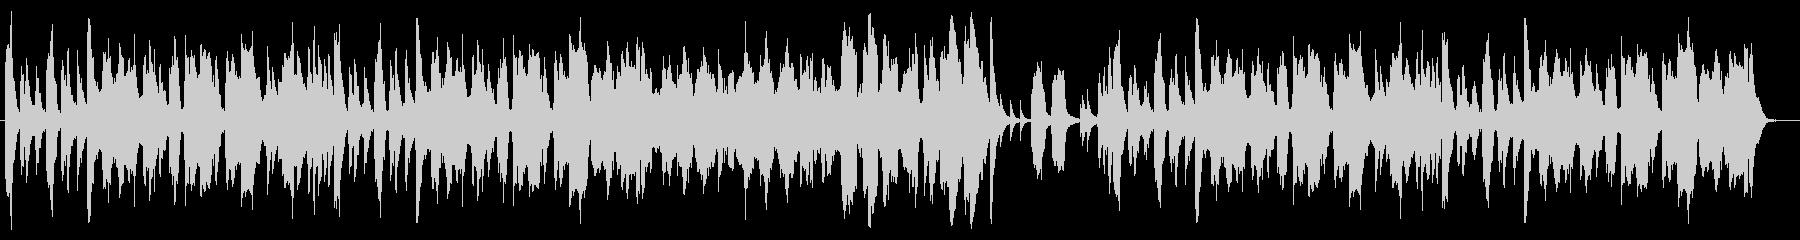 ジブリ風のんびり長閑なオーケストラBGMの未再生の波形